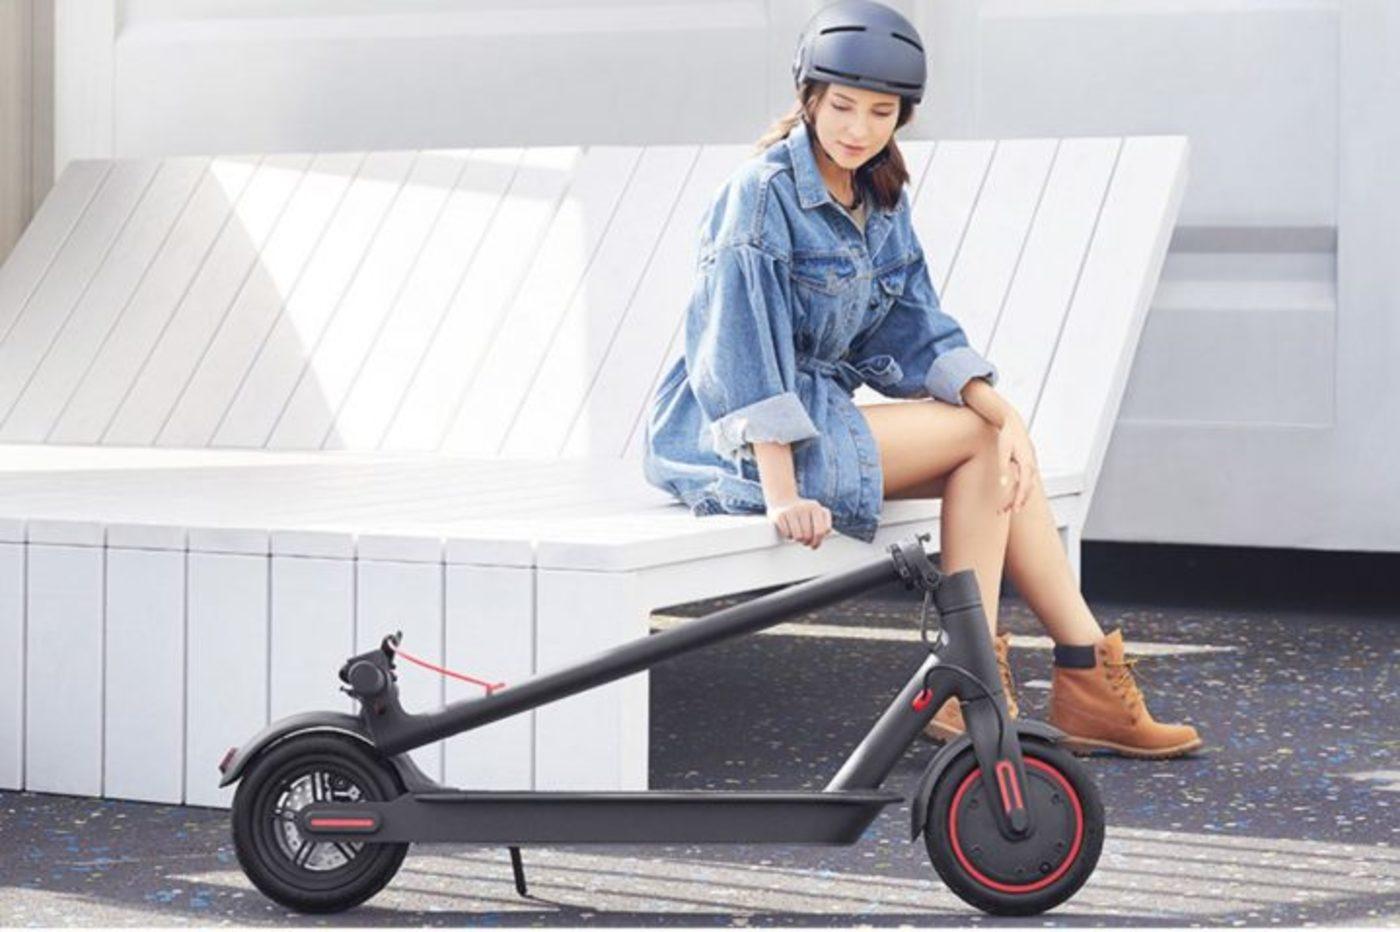 Mobilité urbaine : Xiaomi présente sa trottinette M365 Pro